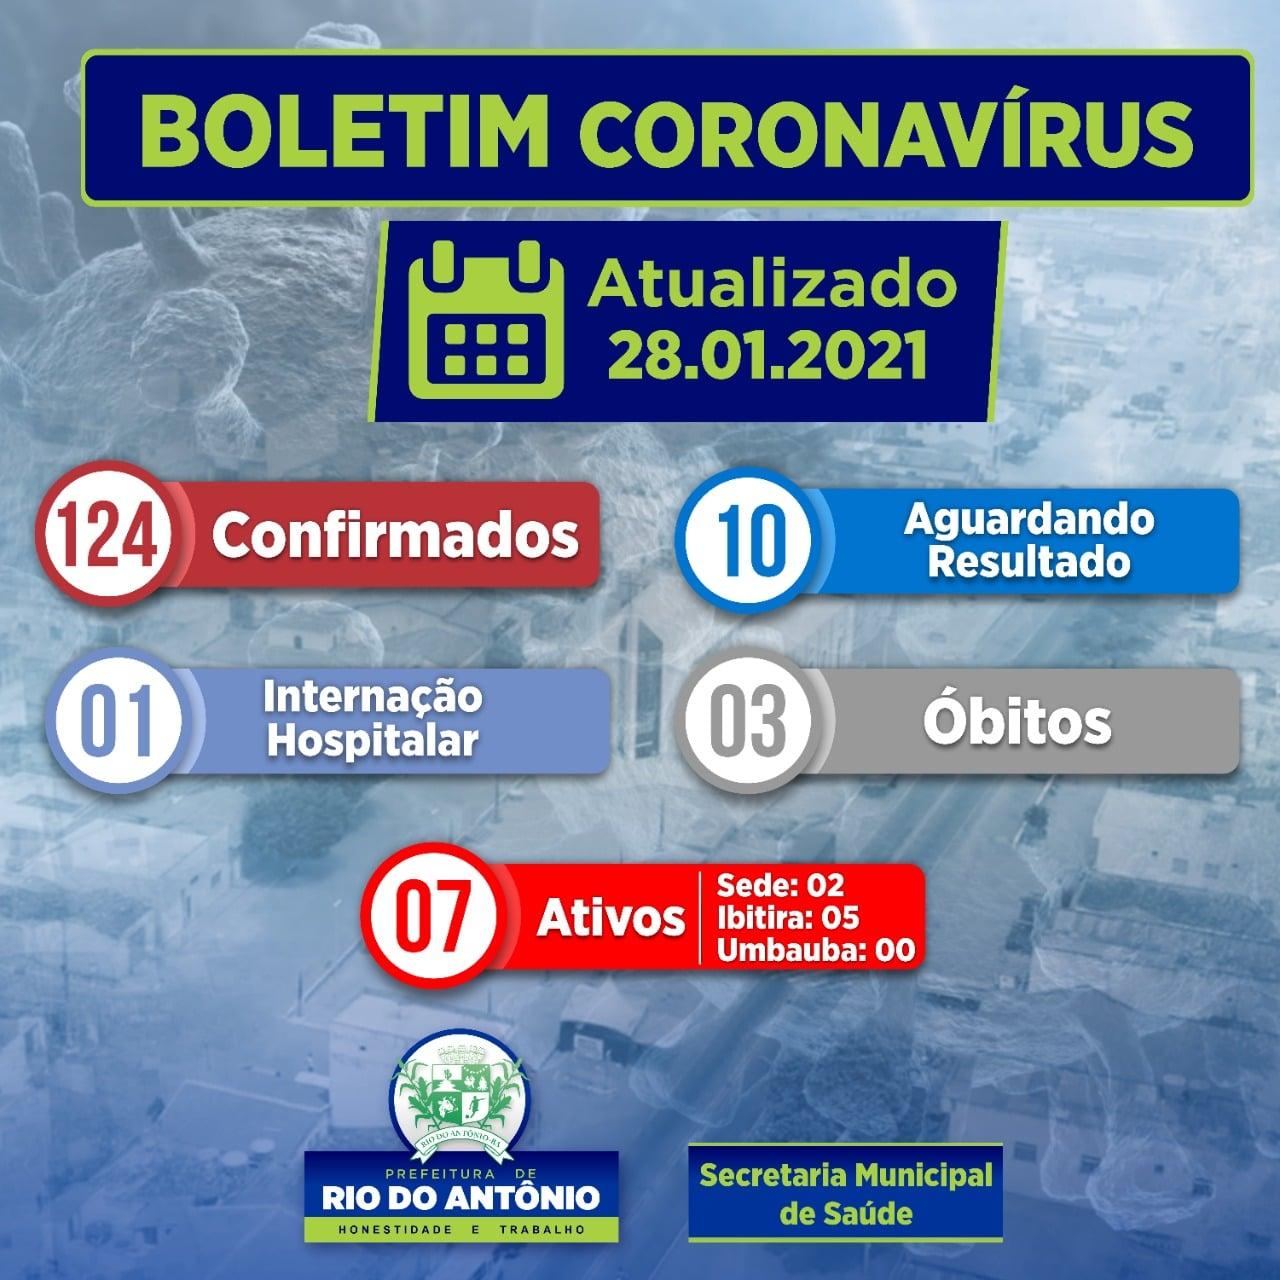 Rio do Antônio registra 07 casos ativos da Covid-19